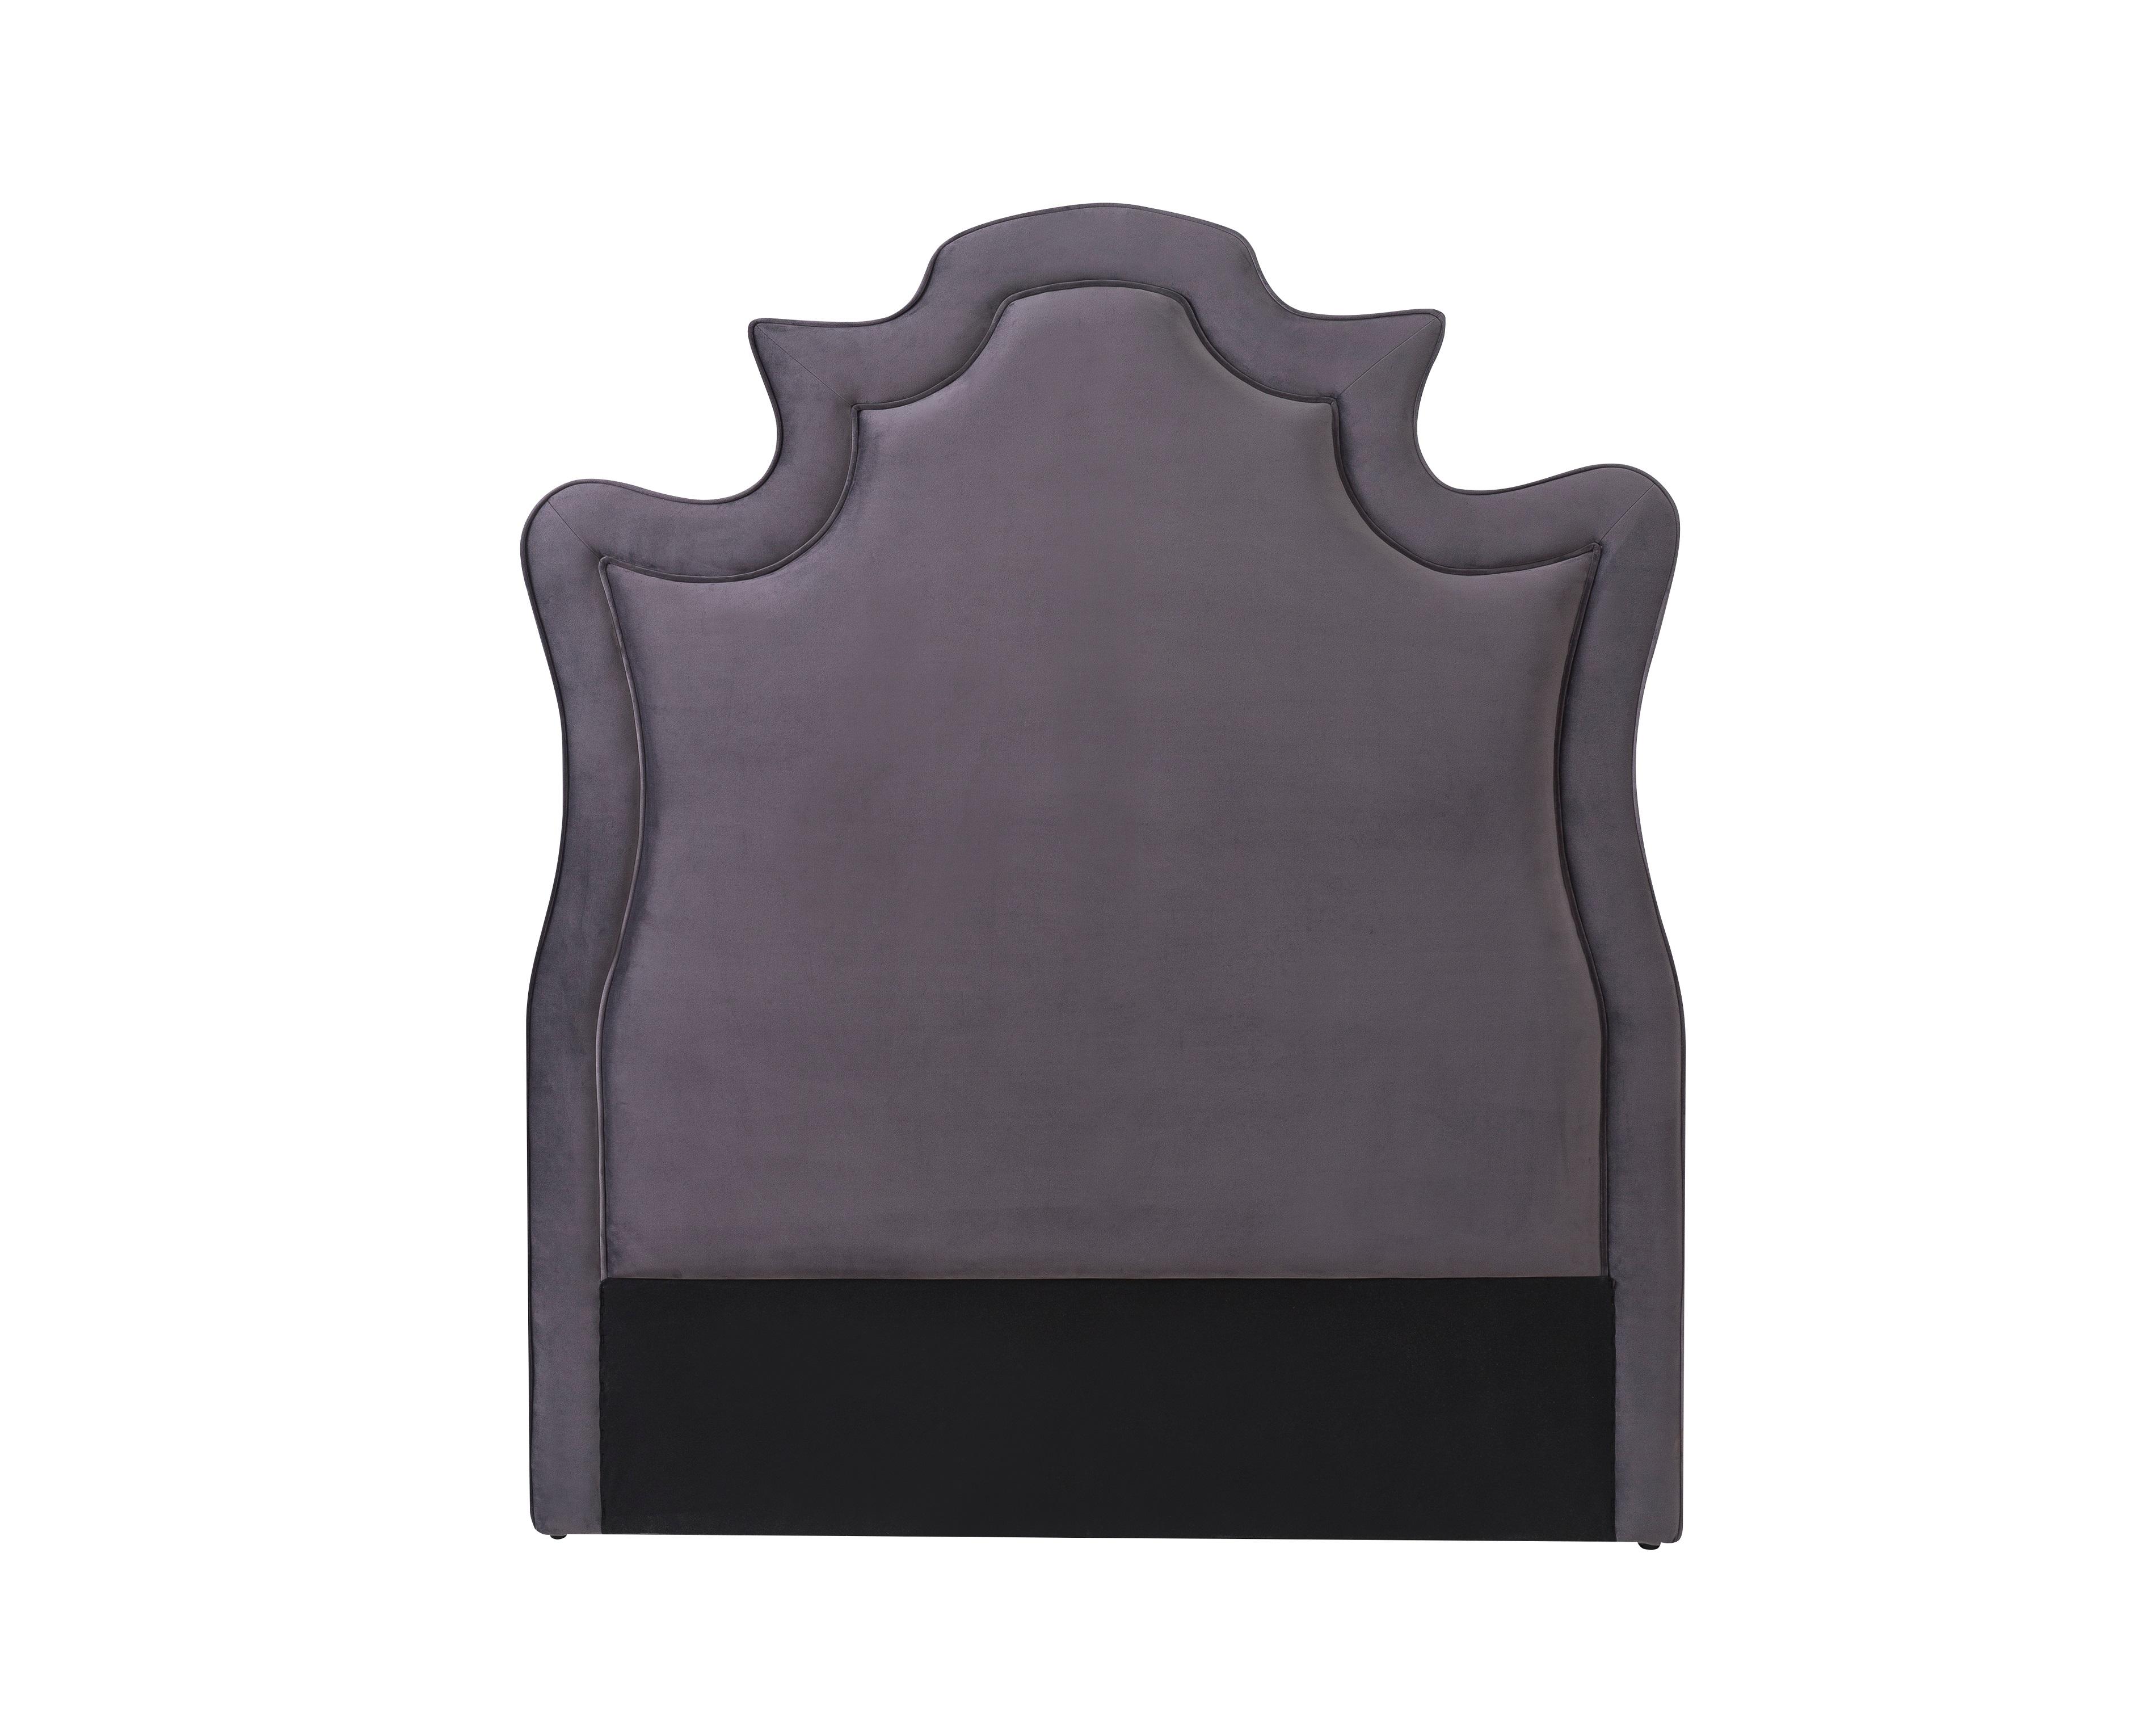 Liang & Eimil Royale Headboard – Night Grey Velvet (1)